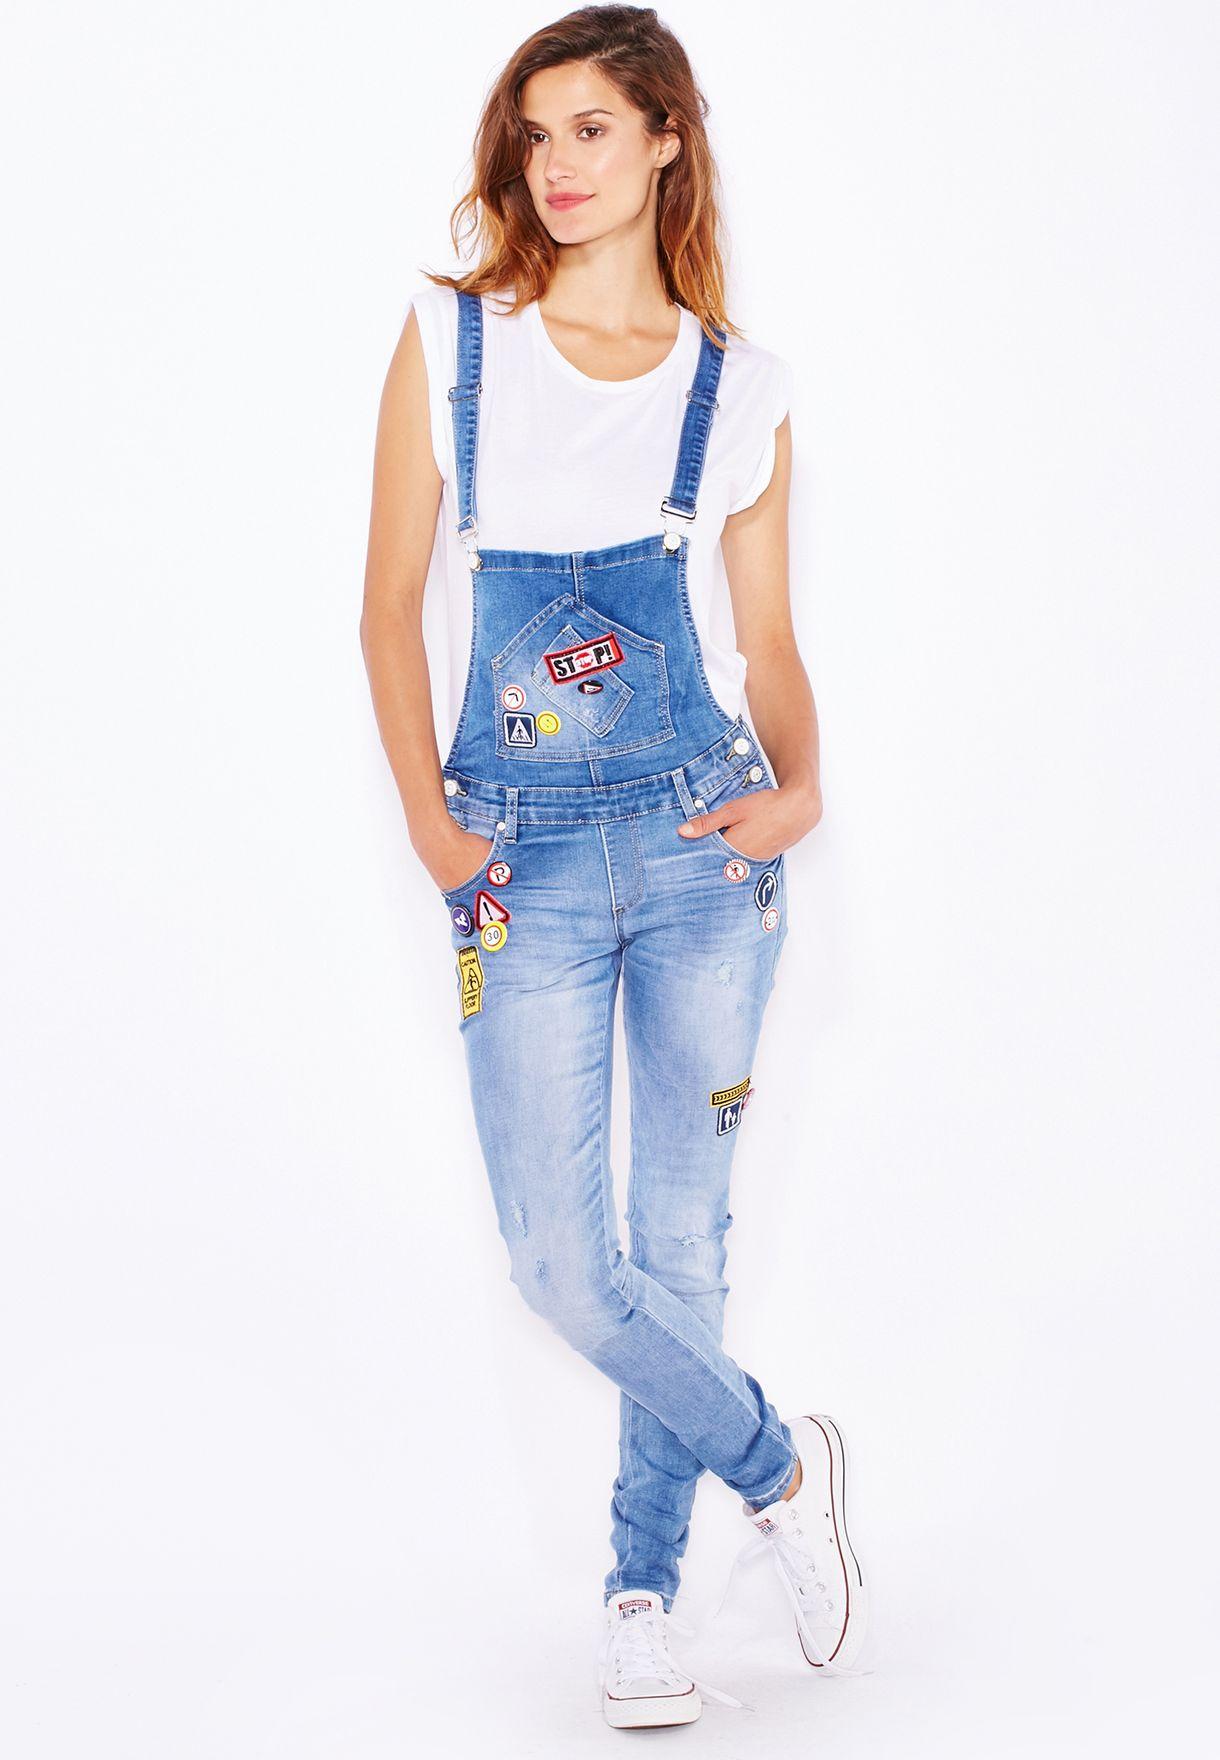 83d31a45fc292 تسوق افرول جينز ماركة جينجر لون أزرق في السعودية - GI121AT39BTG